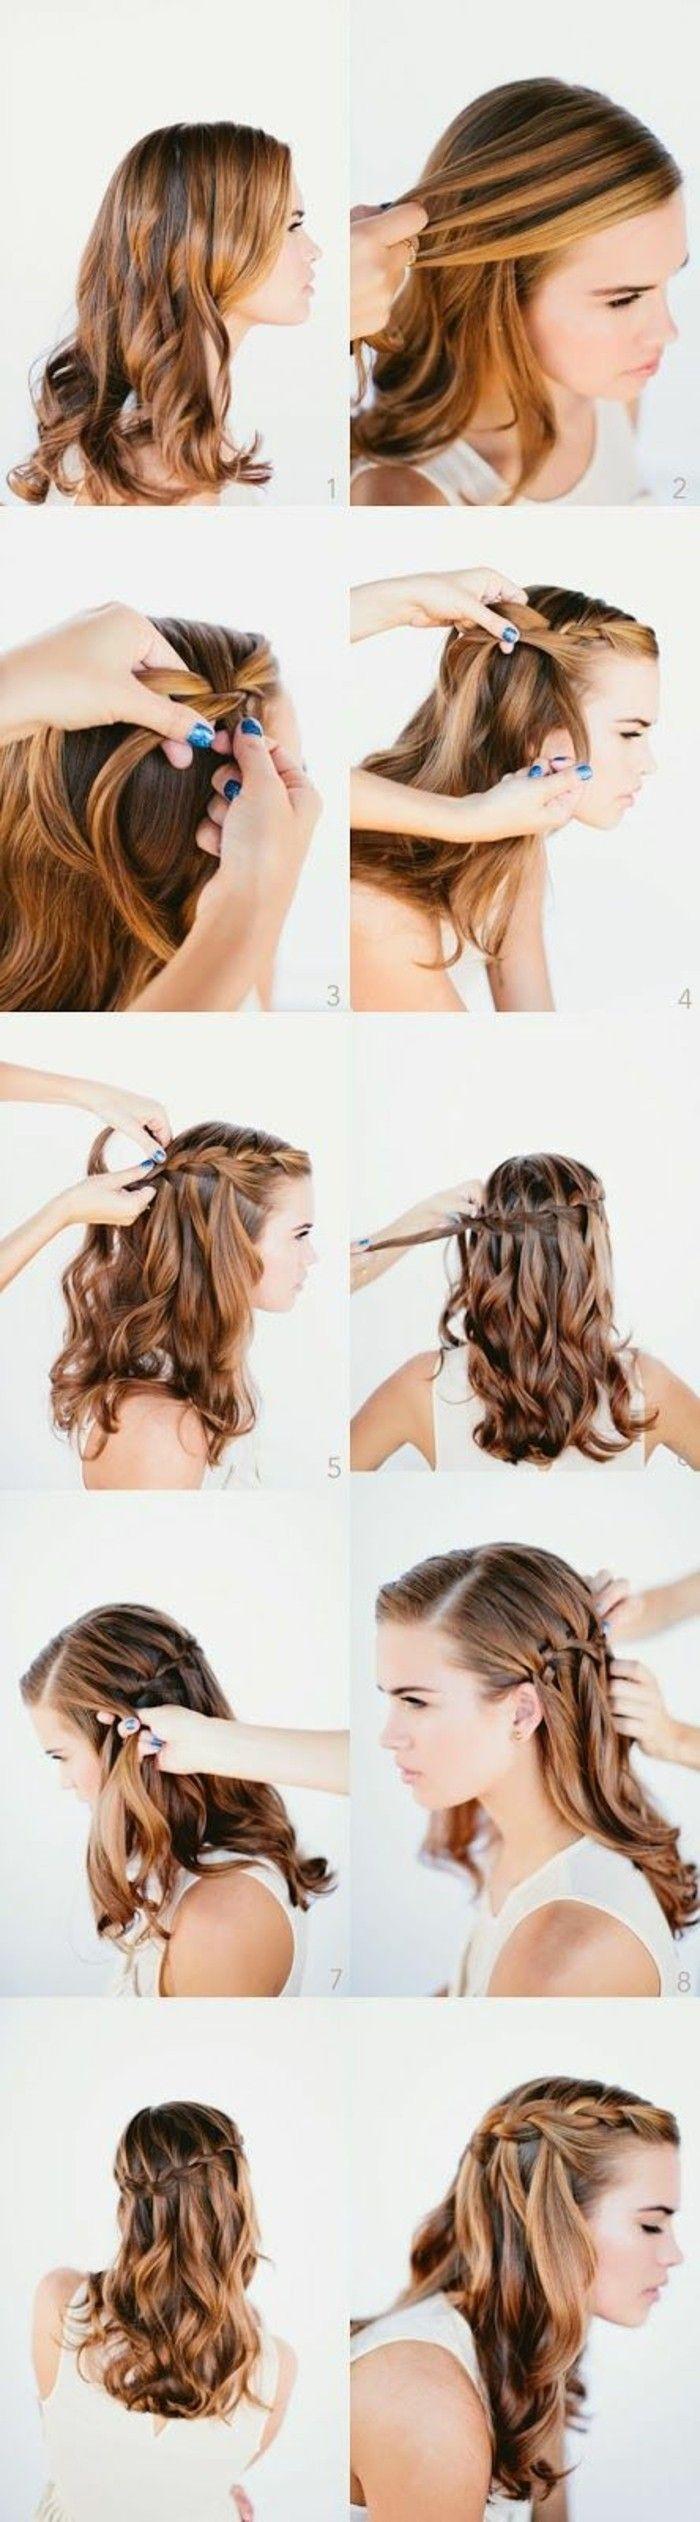 tuto coiffure simple et rapide, tutoriel coiffure femme, cheveux mi courts